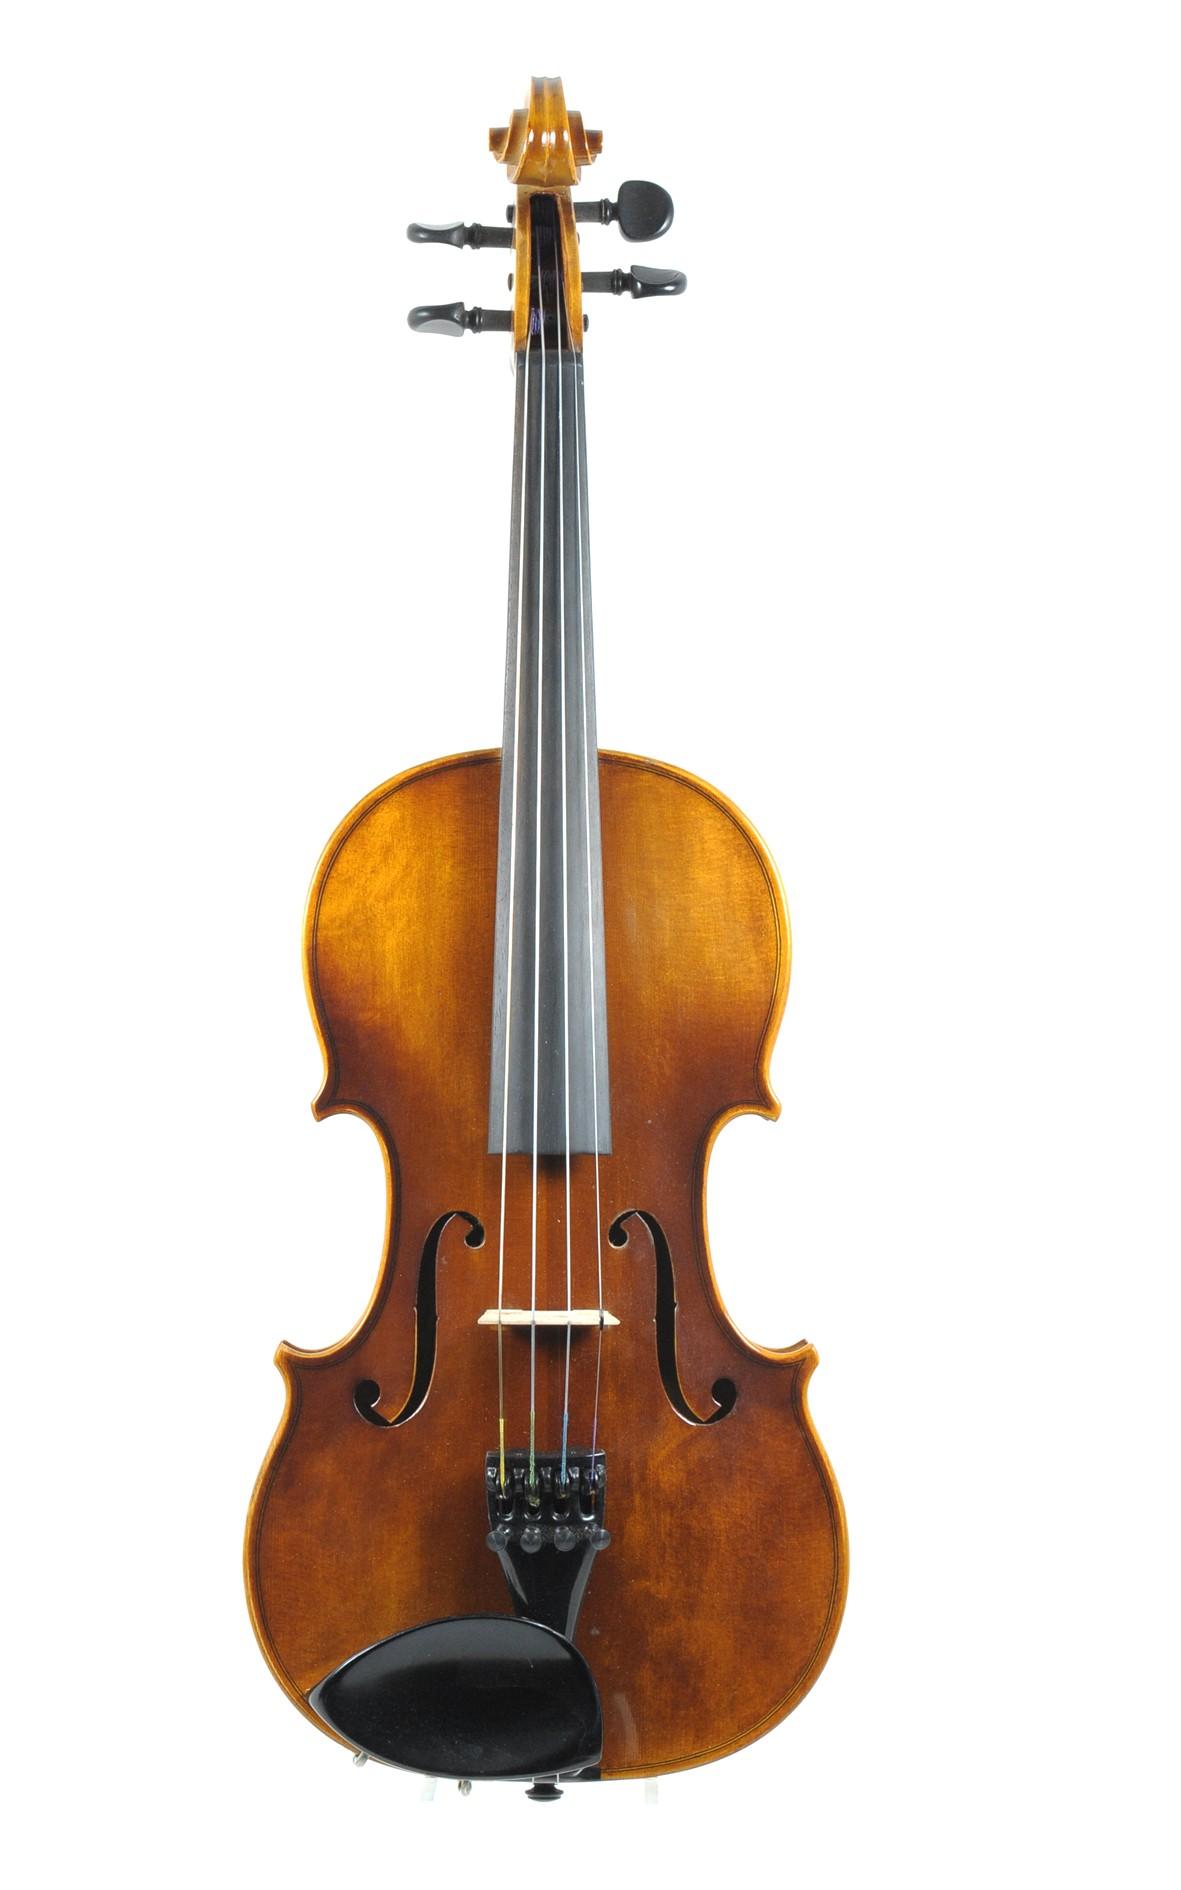 Karl Höfner 1983 violin - top view